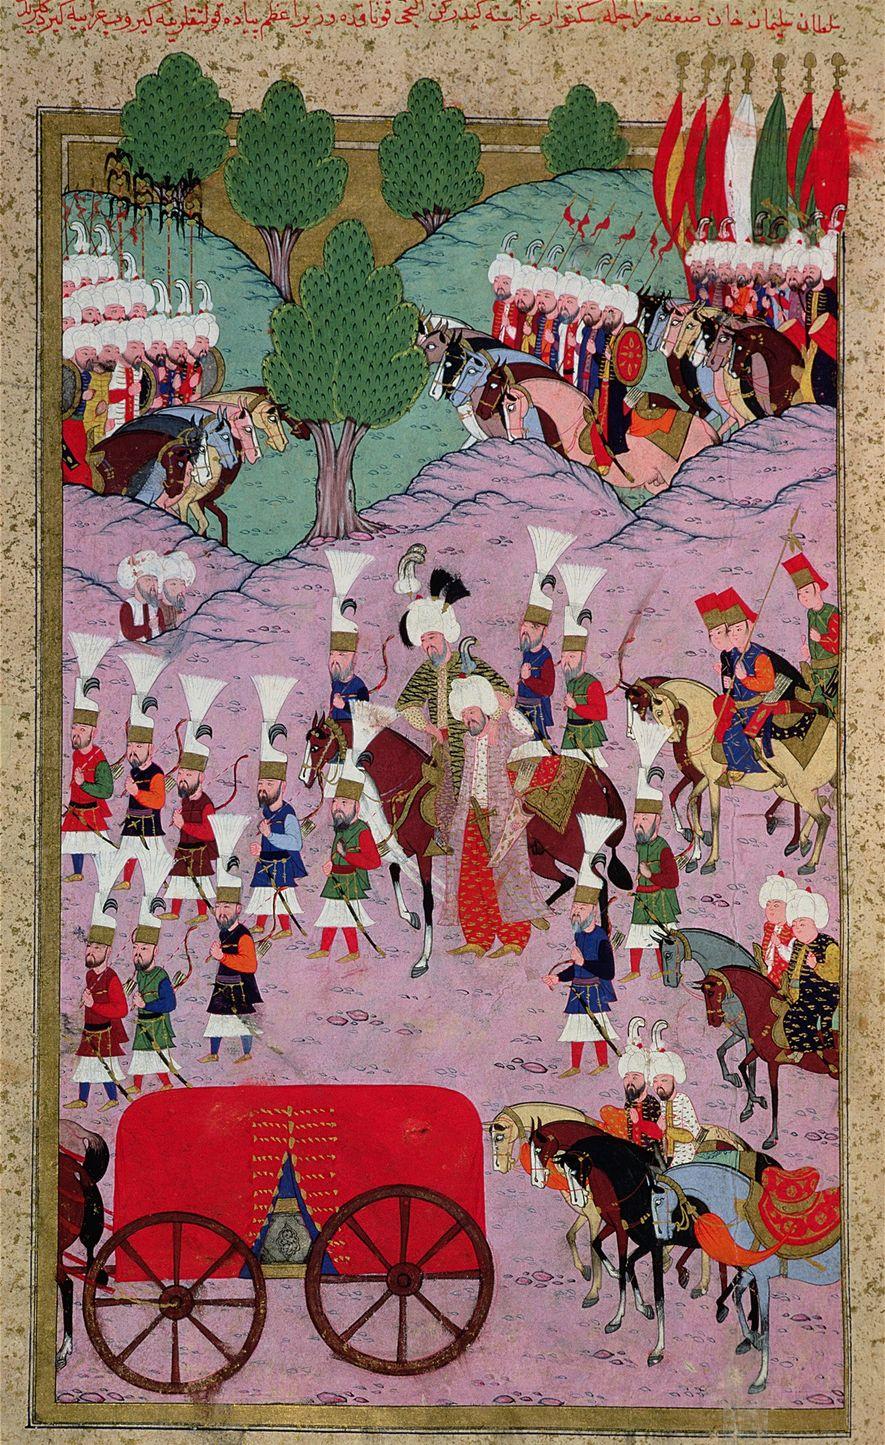 Esta miniatura del siglo XVI representa al ejército de Solimán el Magnífico marchando hacia Europa.